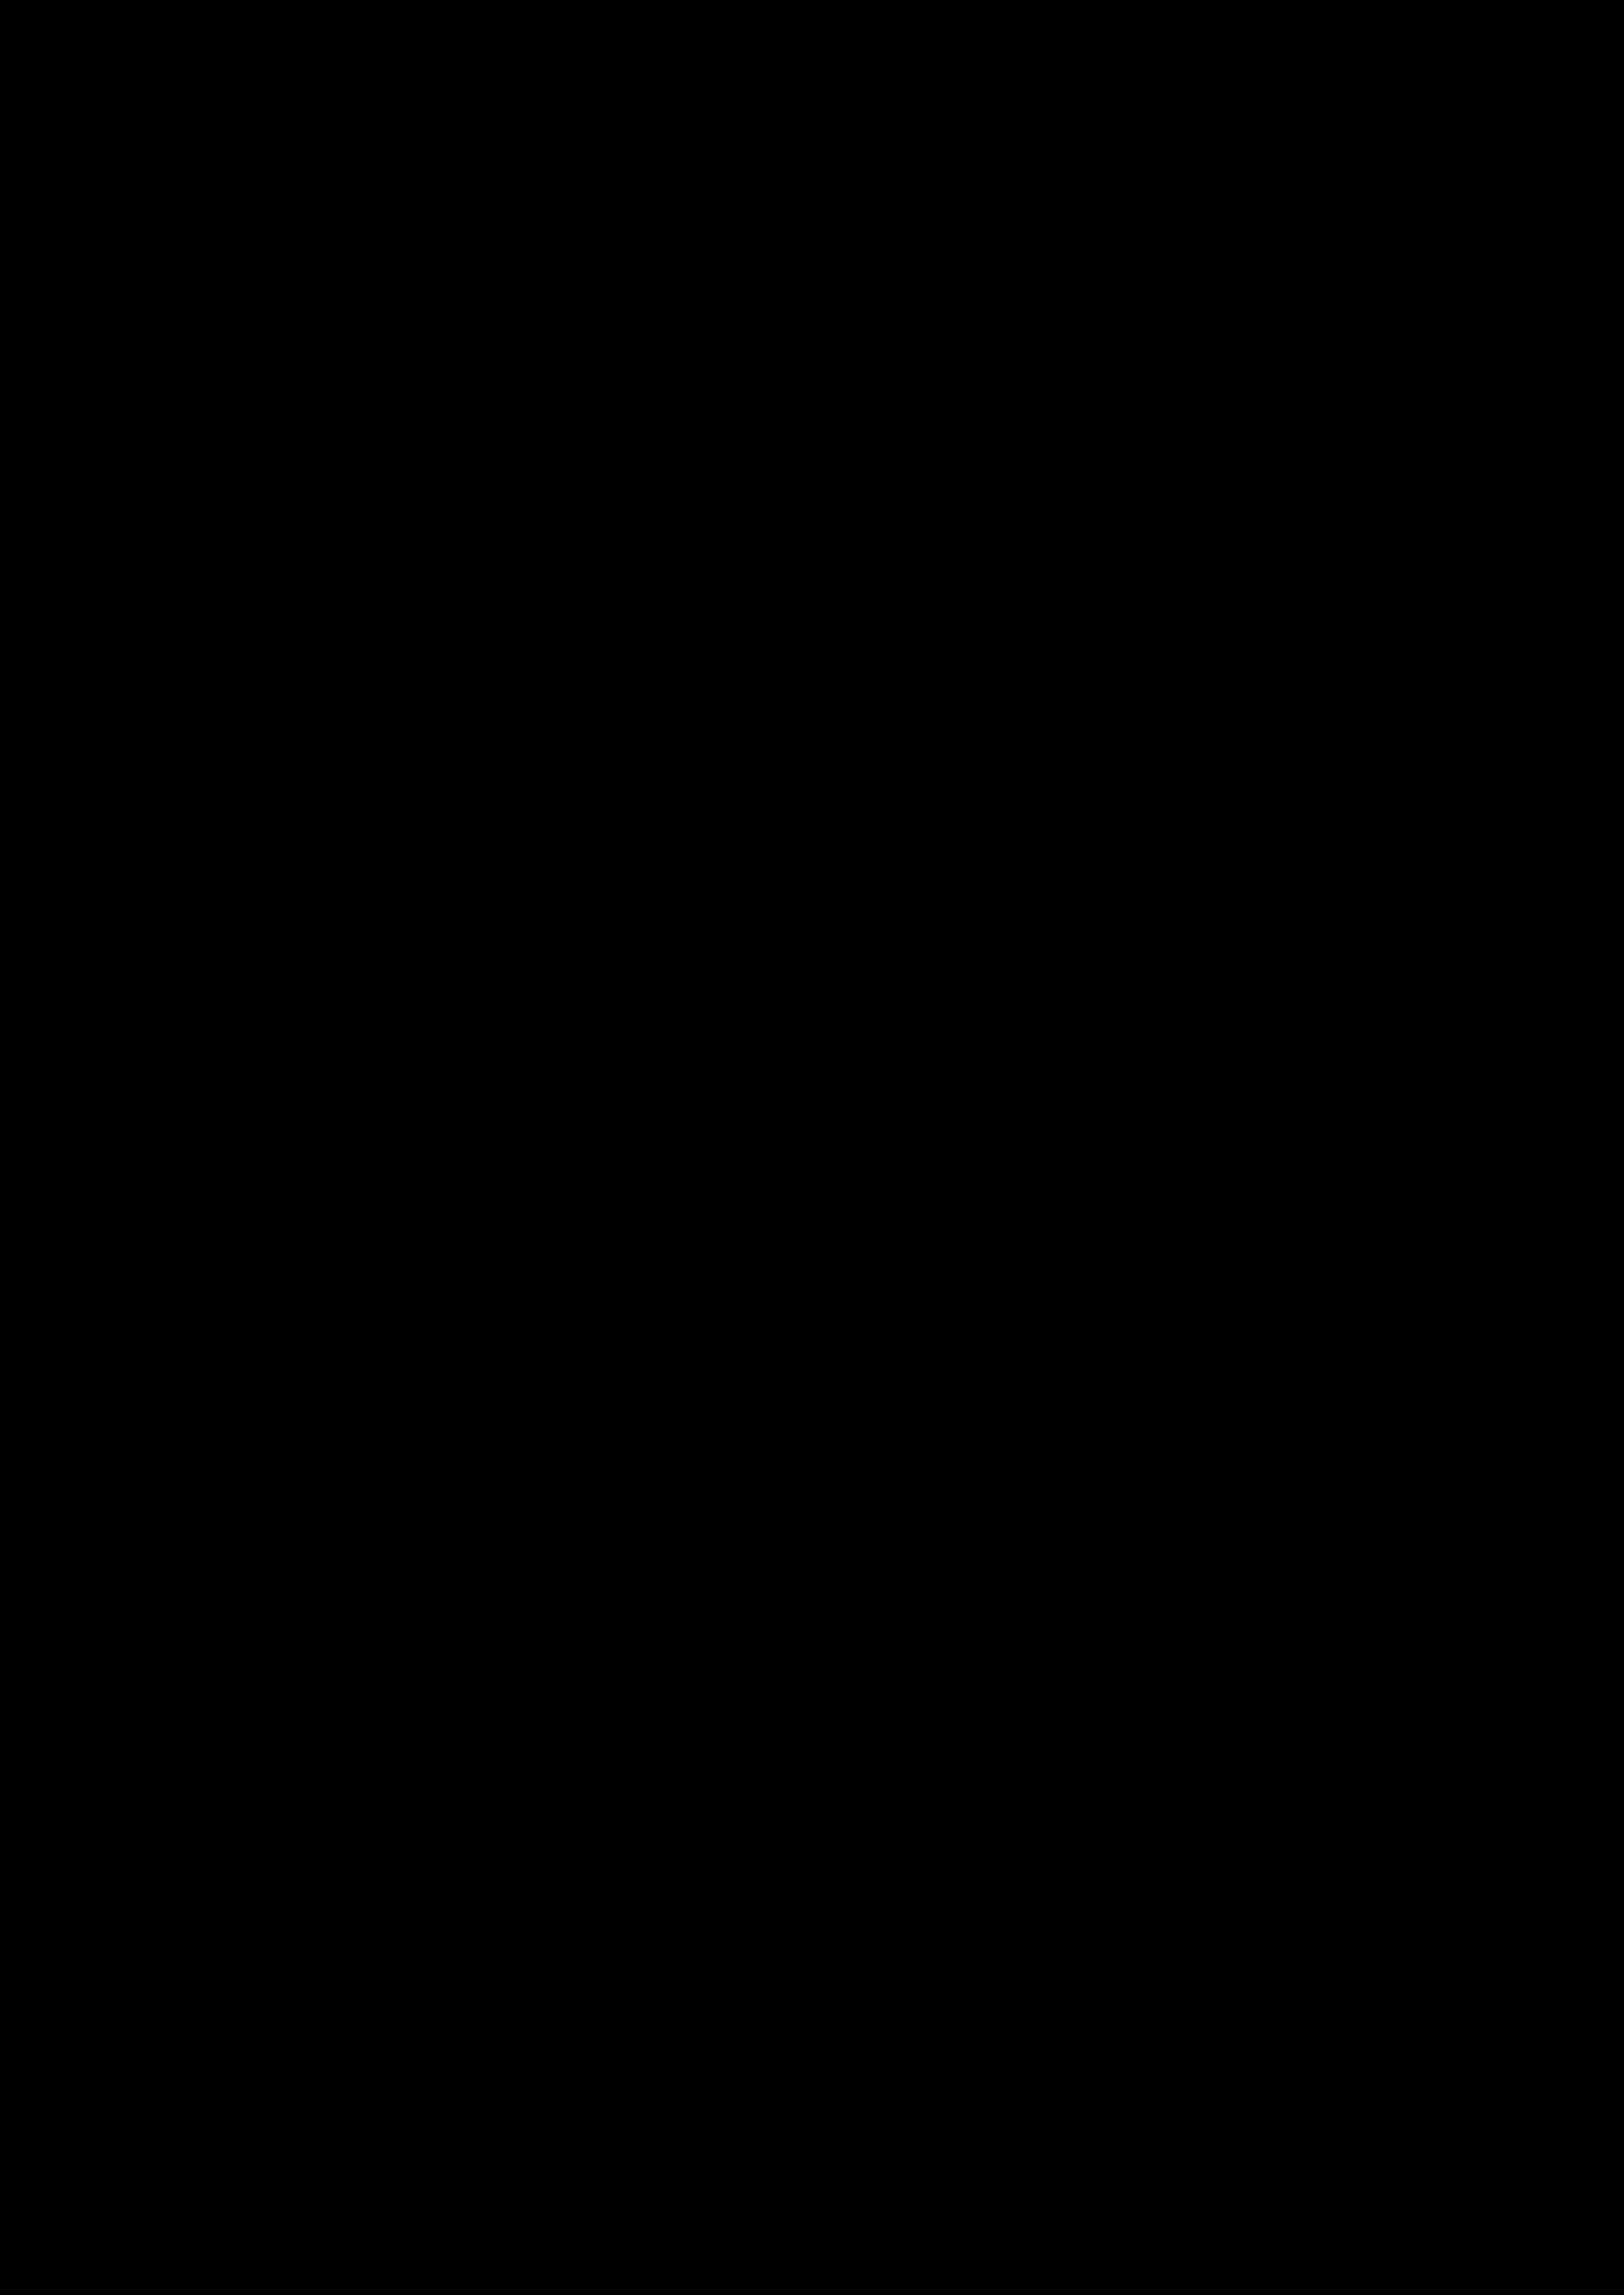 Khan Silvester 2011/12 at Mangostin/Munich